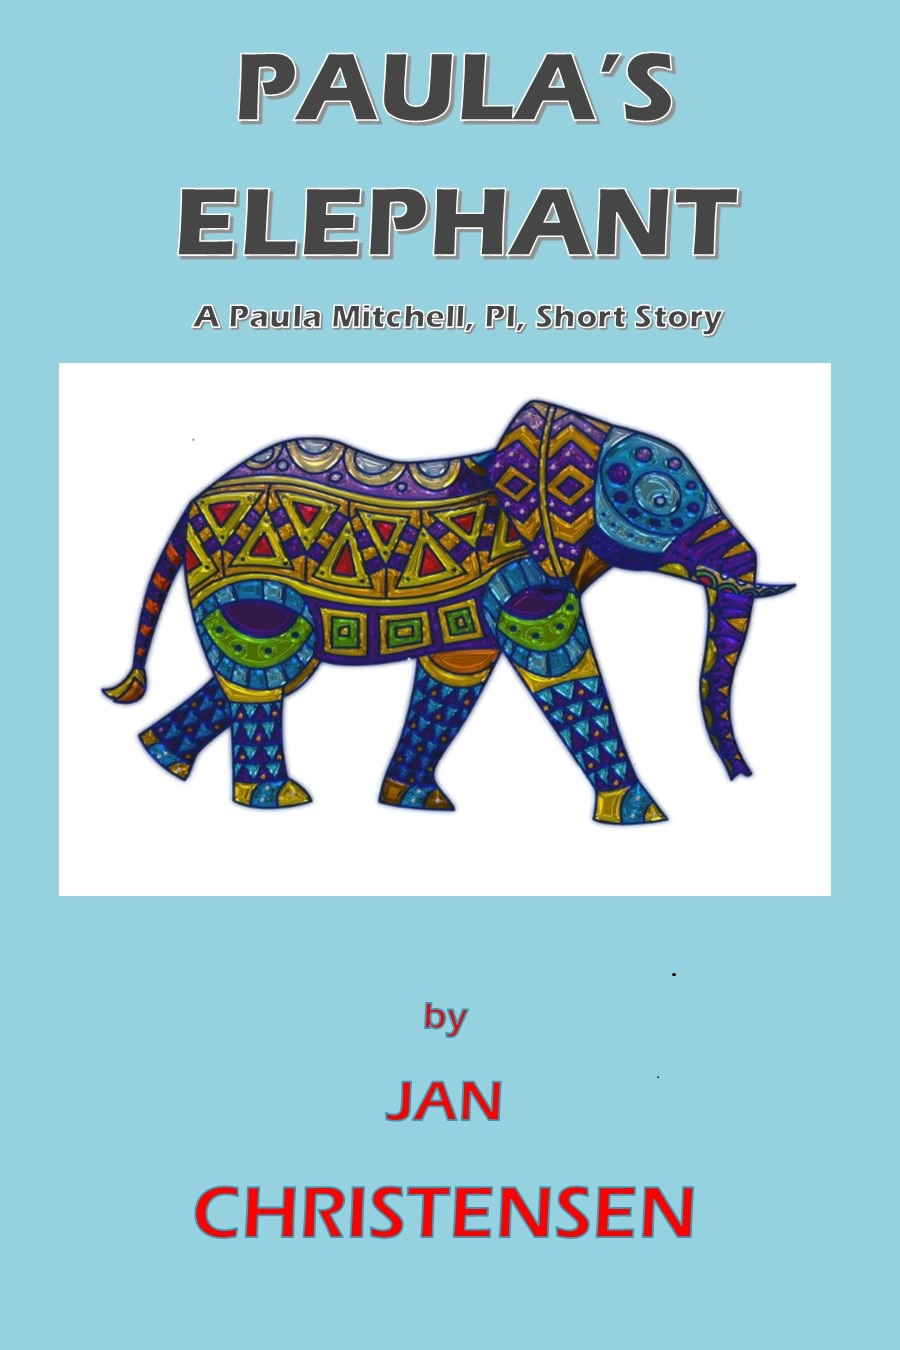 Paula's Elephant